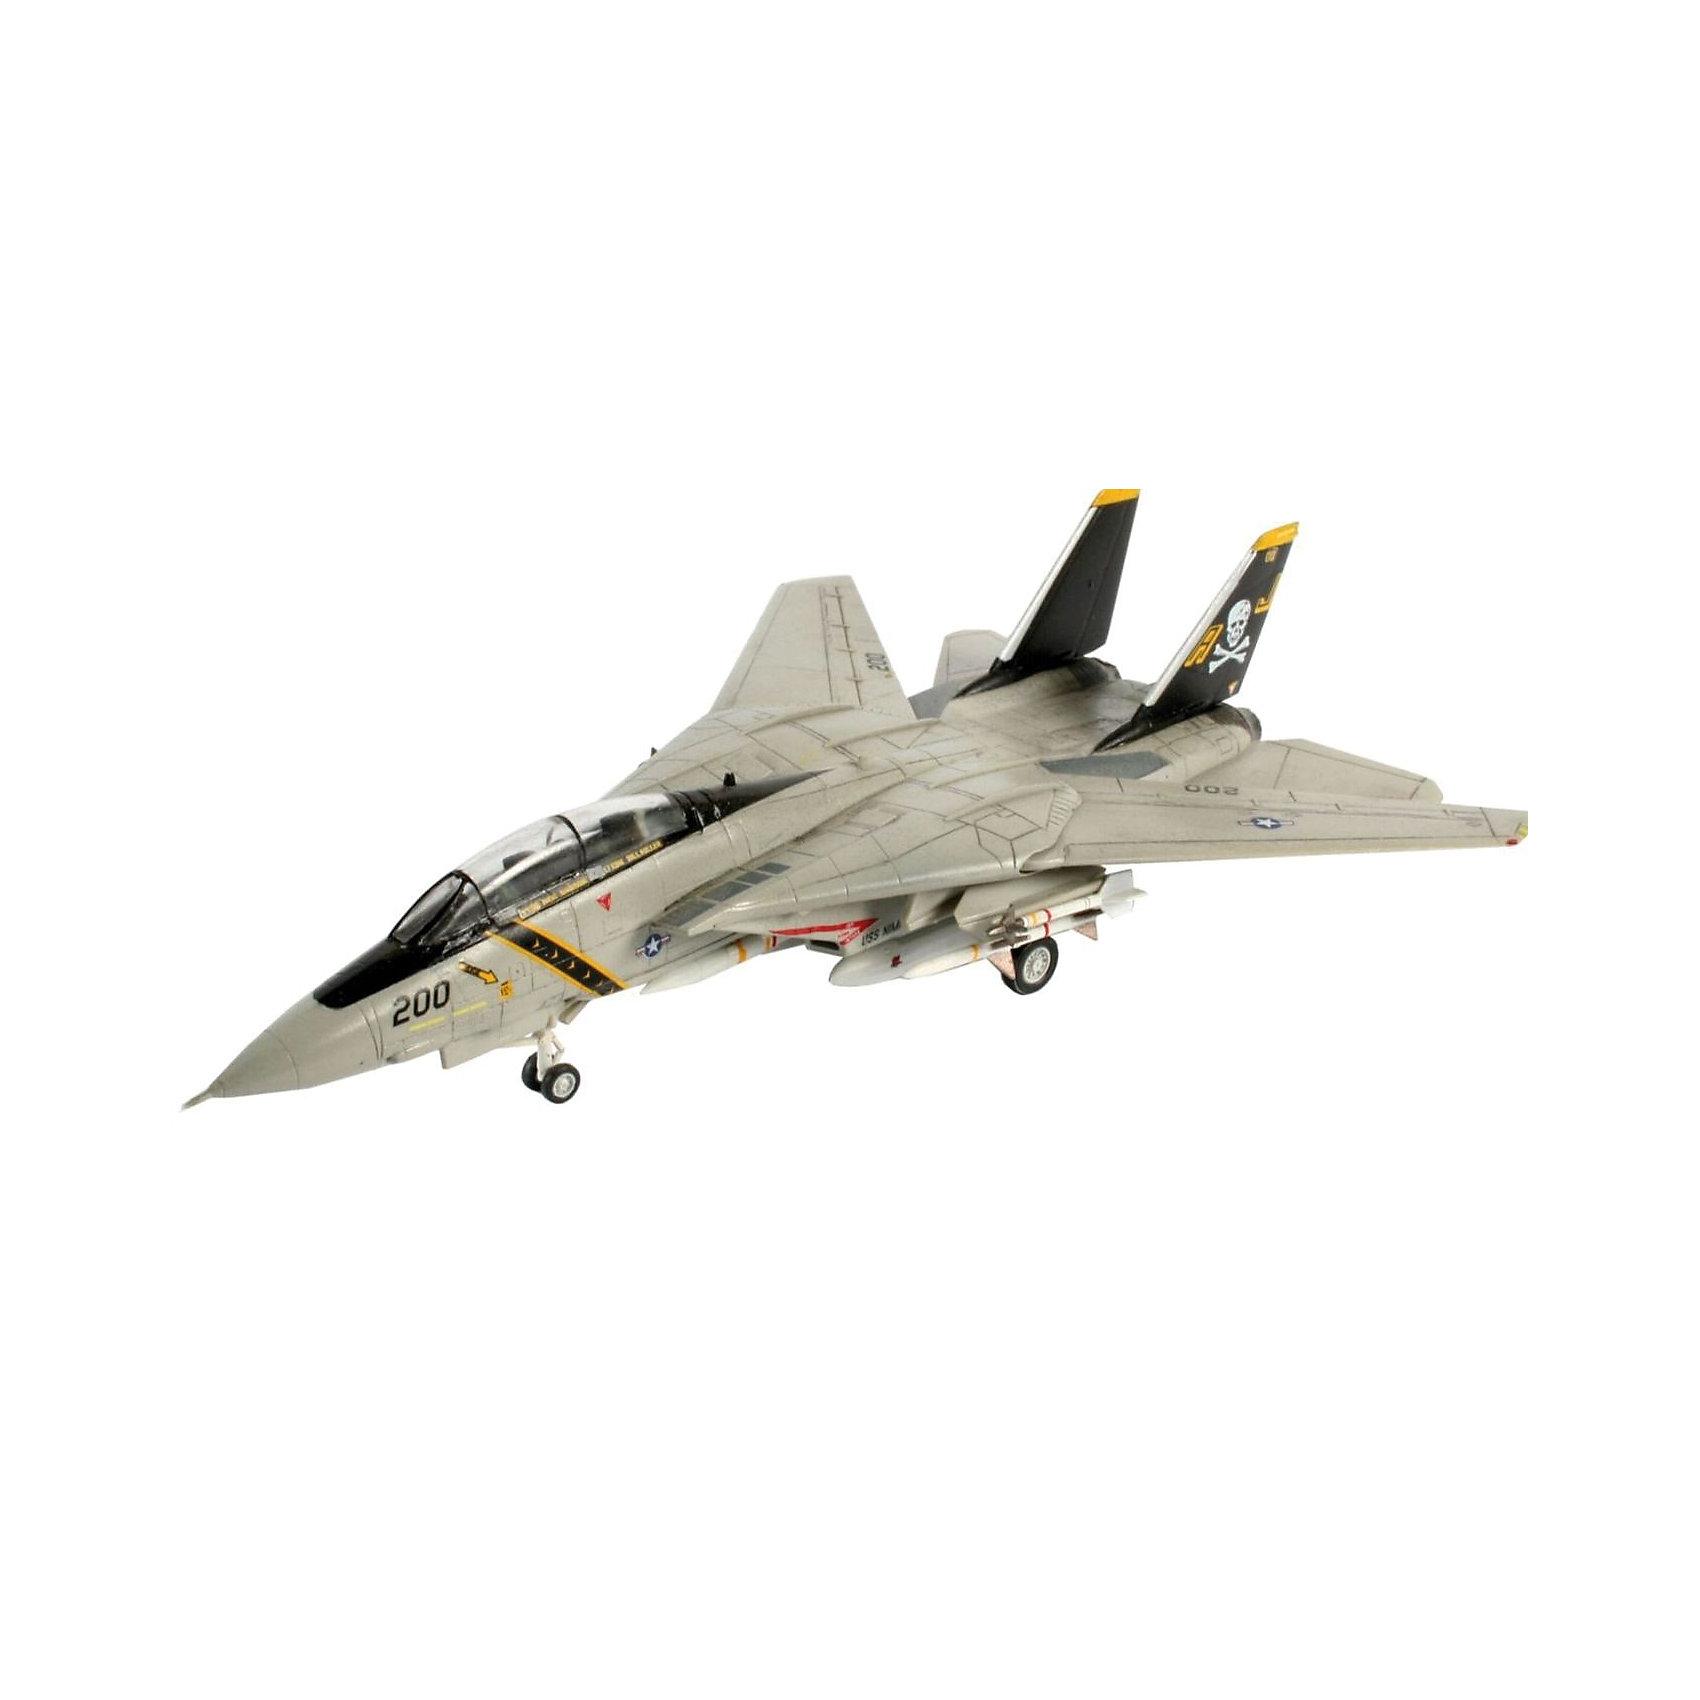 Самолет Истребитель-Перехватчик «Томкэт», RevellСамолет Истребитель-Перехватчик «Томкэт», Revell (Ревелл) – максимально детализированная модель станет украшением комнаты.<br>F-14A Tomcat (Томкэт) - американский двухместный реактивный истребитель-перехватчик четвёртого поколения с изменяемой геометрией крыла. Самолет был разработан в 1970-х для замены истребителя F-4. Модификация F-14A является двухместным всепогодным истребителем-перехватчиком. Кроме того в состав вооружения были добавлены высокоточные боеприпасы. Всего на вооружение ВМС США было поставлено 545 таких самолётов. С 2006 года F-14 снят с вооружения. Сборная модель истребителя-перехватчика «Томкэт» от Revell (Ревелл) является абсолютно точной уменьшенной копией своего прототипа. Модель состоит из 49 деталей, которые необходимо собрать, склеить и покрыть краской в соответствии с инструкцией. В наборе также прилагаются клей в удобной упаковке, краски и кисточка. Модель тщательно проработана. Макет самолета имеет детализированную поверхность с внутренней расшивкой, реалистичную кабину пилотов, подвижные детали крыльев с изменяемой геометрией, выдвигающиеся шасси, 2 ракеты Phoenix. 2 ракеты Sidewinder. Разработанная для детей от 10 лет, сборная модель самолета, определённо, принесёт массу положительных эмоций и взрослым любителям моделирования, и коллекционерам военной техники. Моделирование считается одним из наиболее полезных хобби, ведь оно развивает интеллектуальные и инструментальные способности, воображение и конструктивное мышление. Прививает практические навыки работы со схемами и чертежами.<br><br>Дополнительная информация:<br><br>- Возраст: для детей старше 10-и лет<br>- В наборе: комплект пластиковых деталей для сборки модели, декаль для 2 вариантов (VF-84 Jolly Rogers и US Navy), базовые акриловые краски, клей, кисточка, инструкция<br>- Количество деталей: 49 шт.<br>- Масштаб: 1:144<br>- Длина модели: 134 мм.<br>- Размах крыльев: 130 мм.<br>- Уровень сложности: 3 (из 5)<br>- Дополнительно потреб